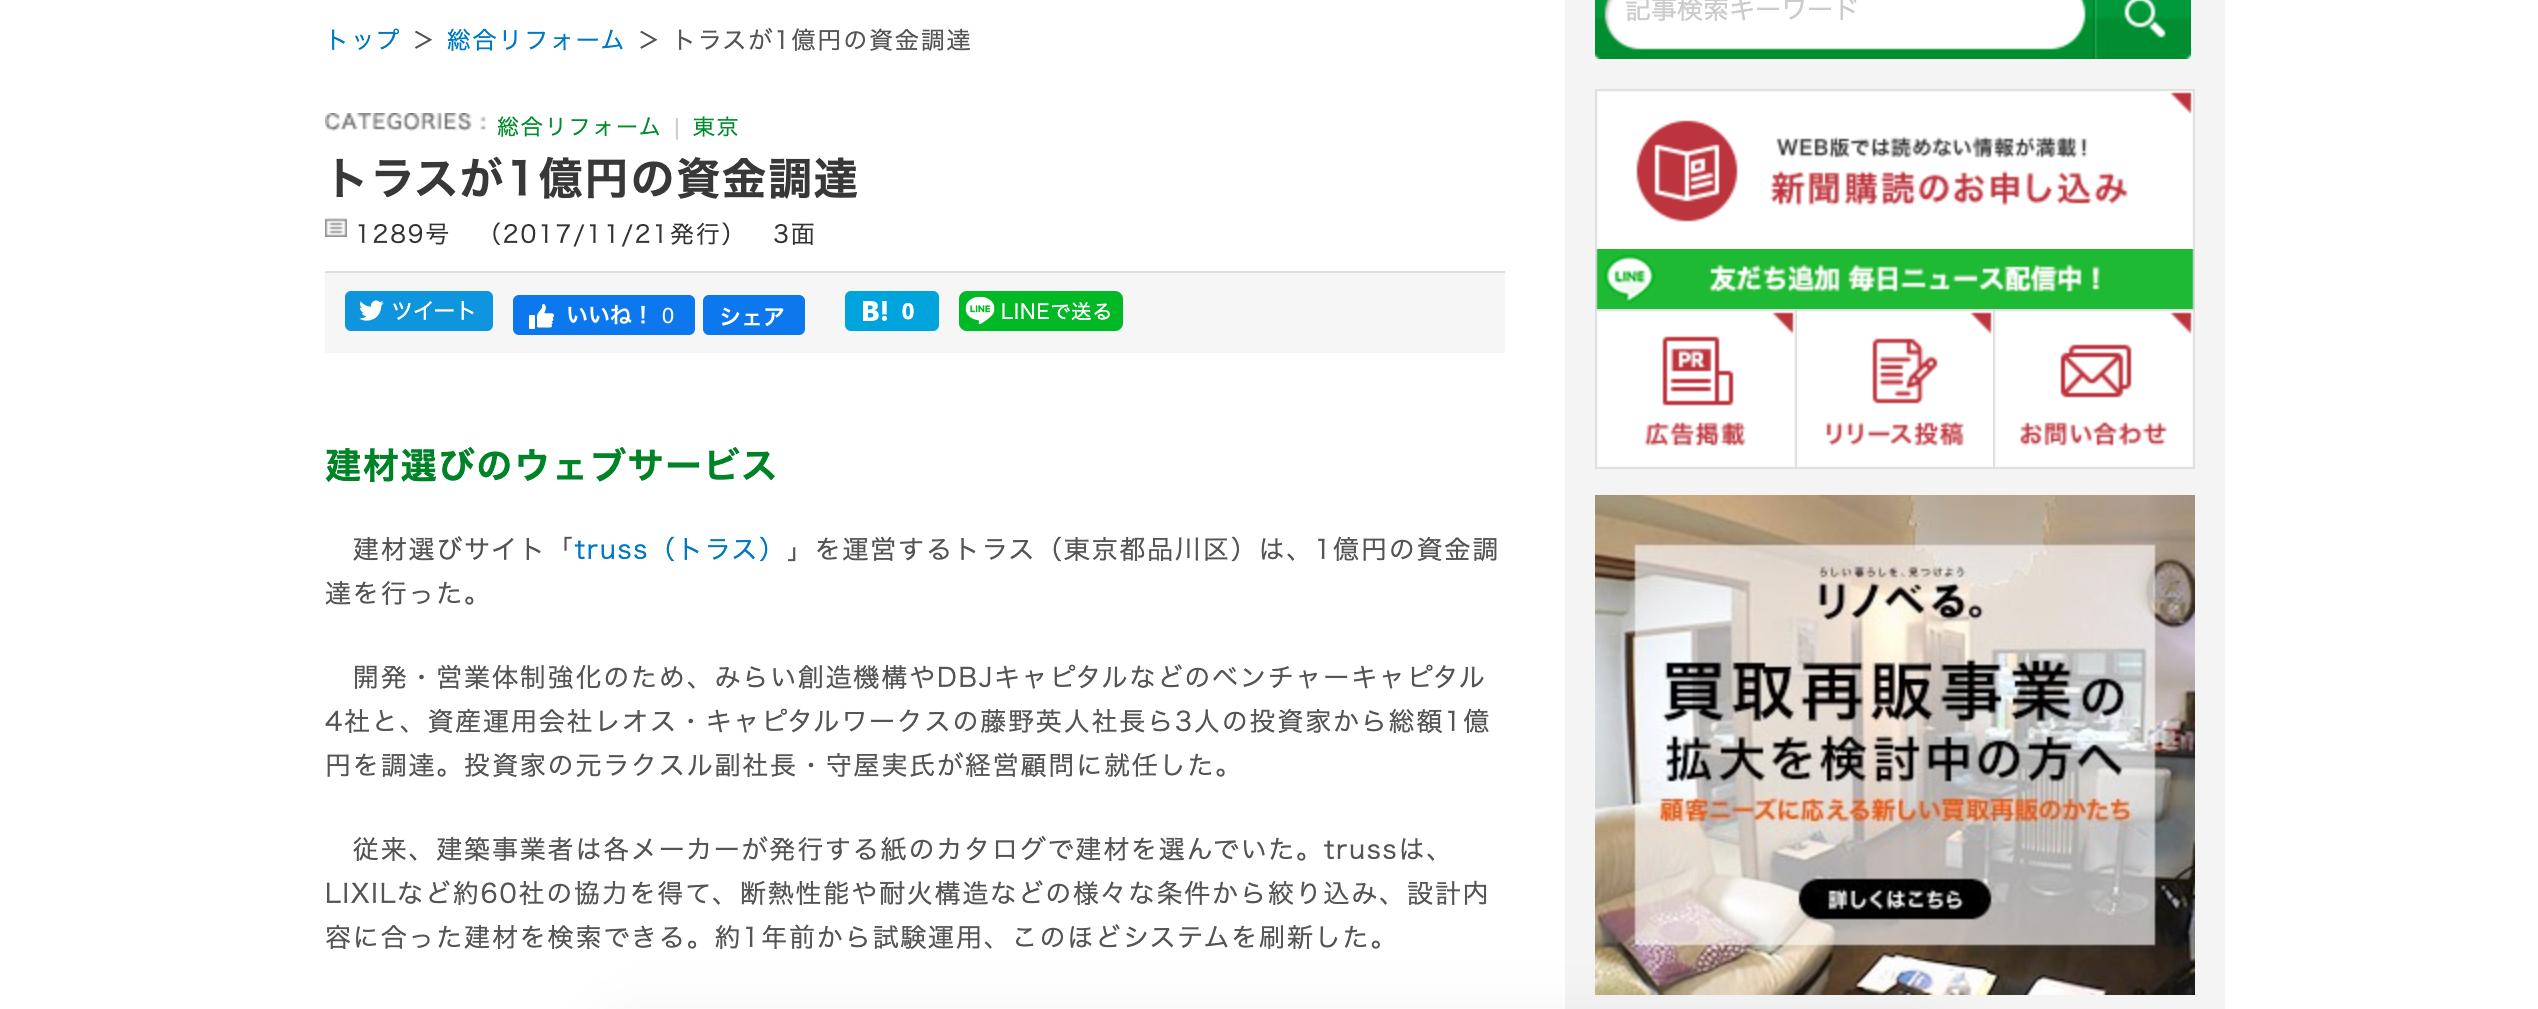 『リフォーム産業新聞』に弊社の資金調達についての記事が掲載されました